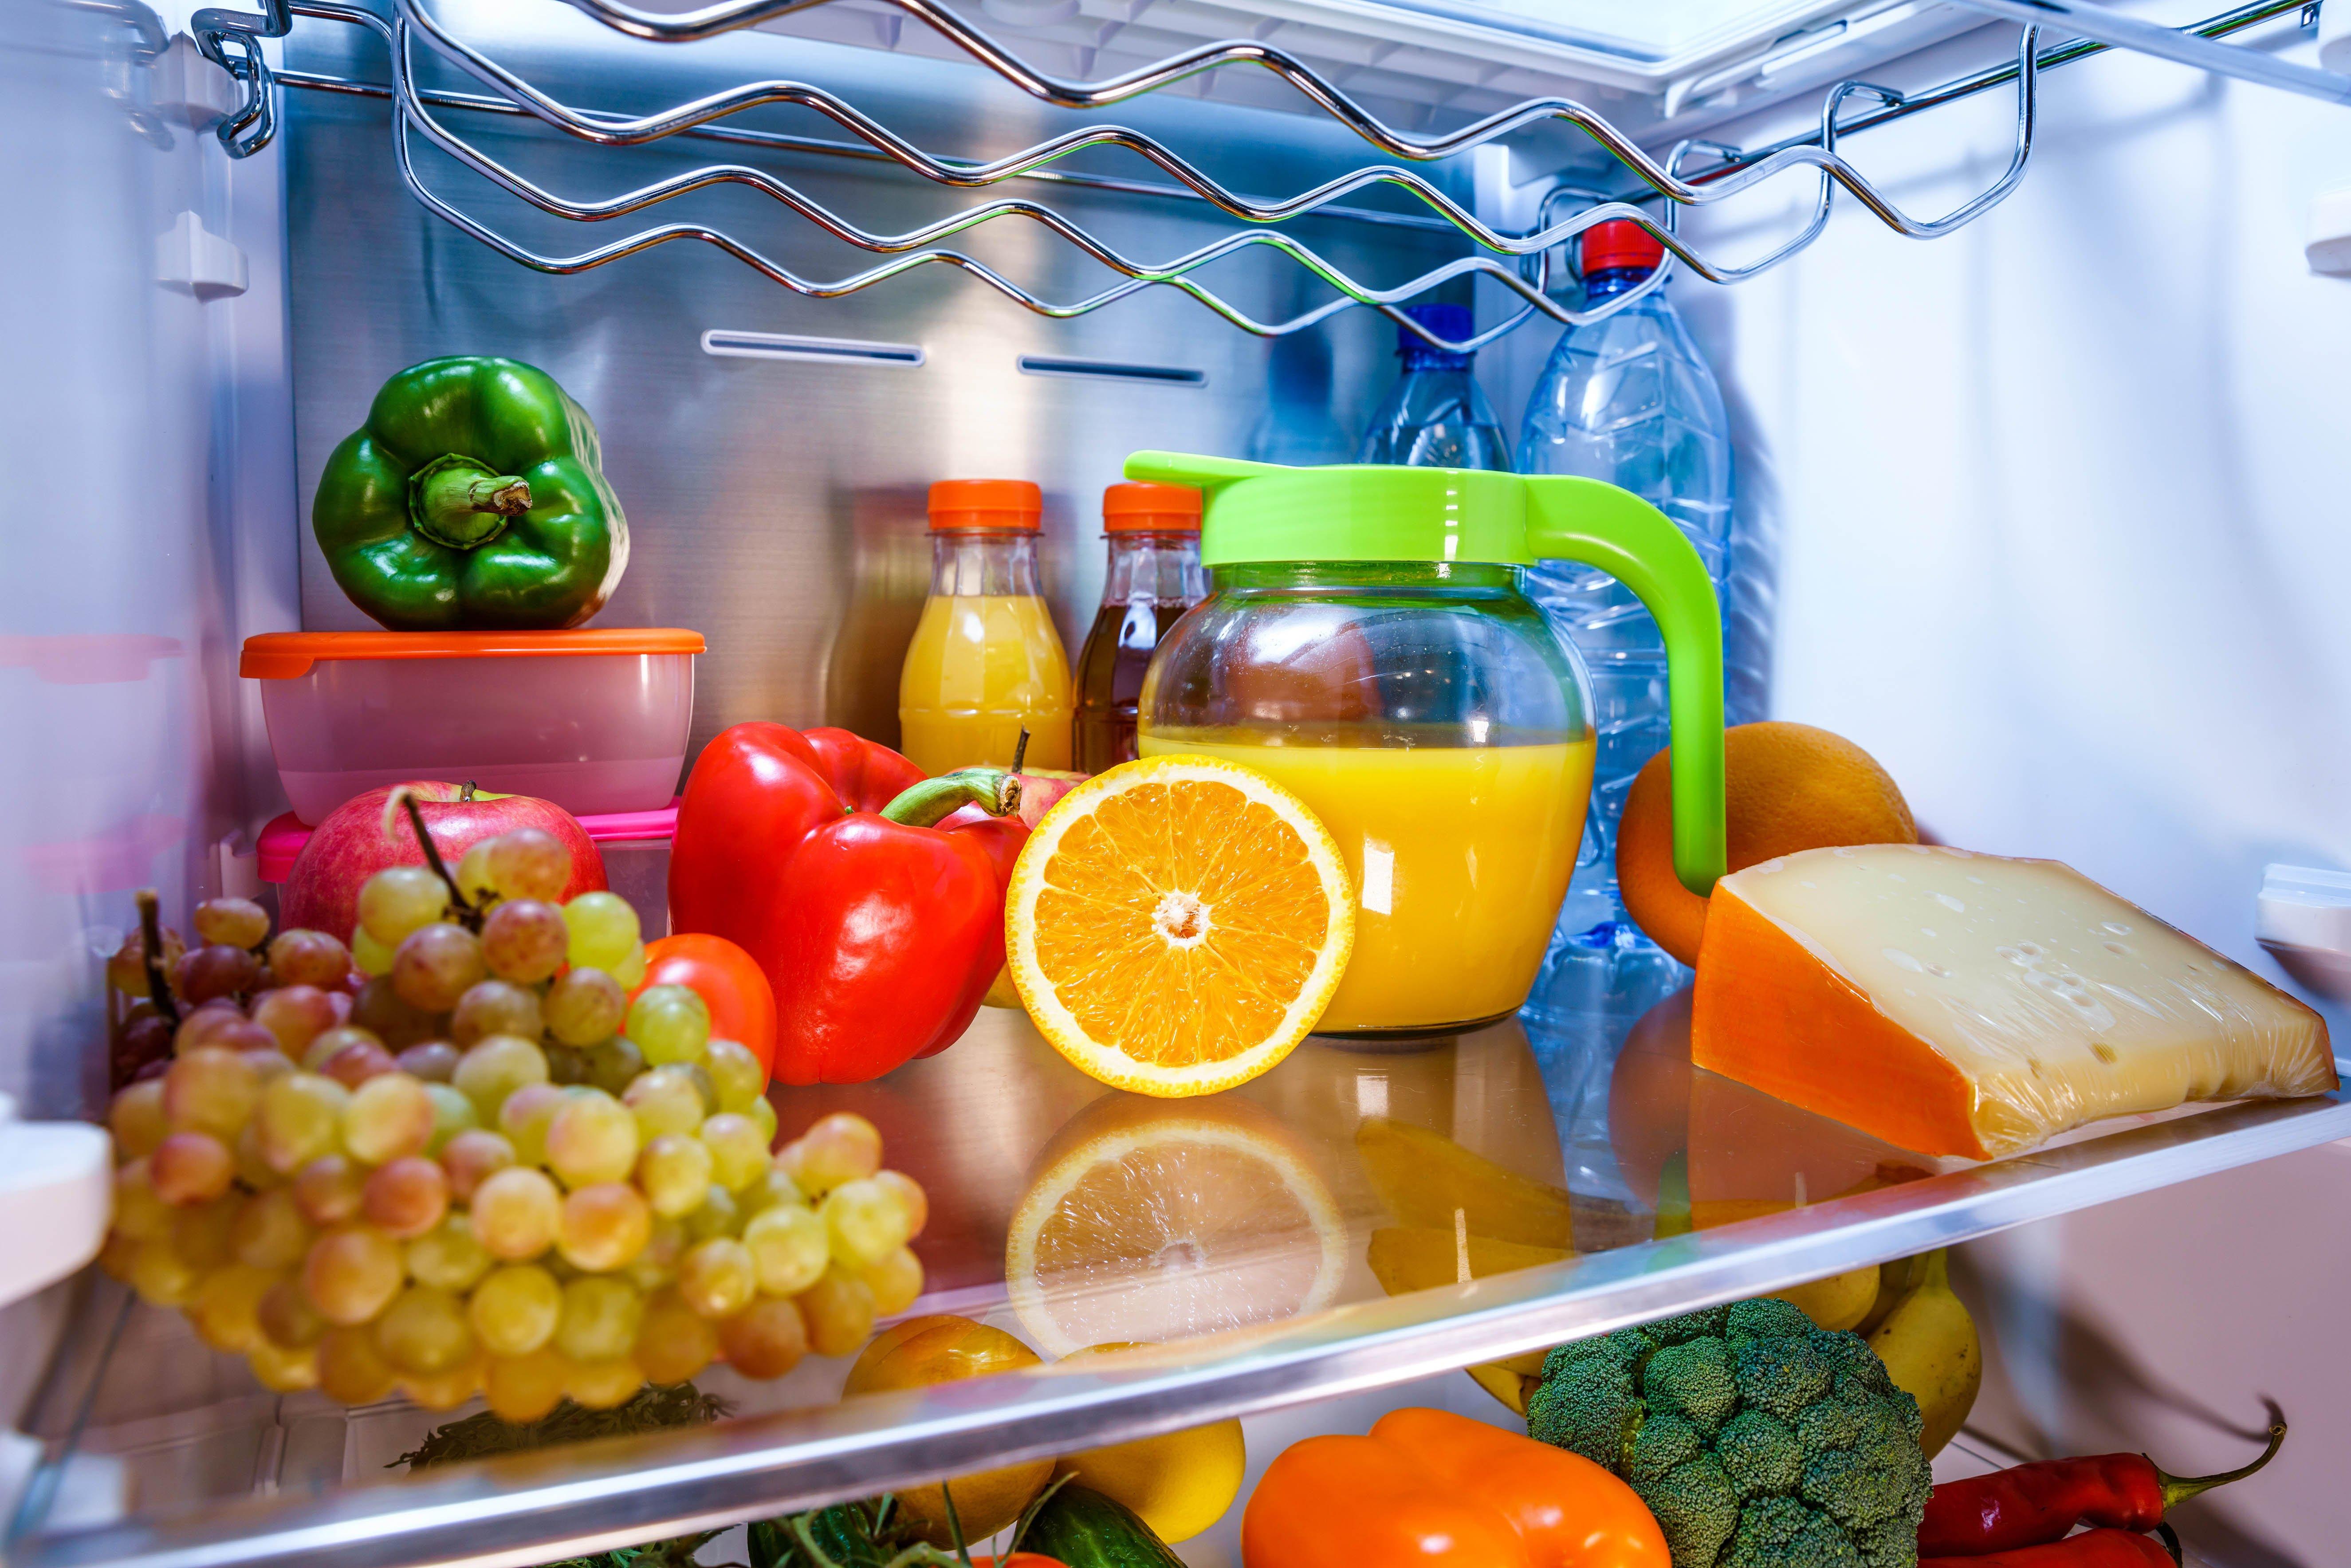 alimentos en refrigerador